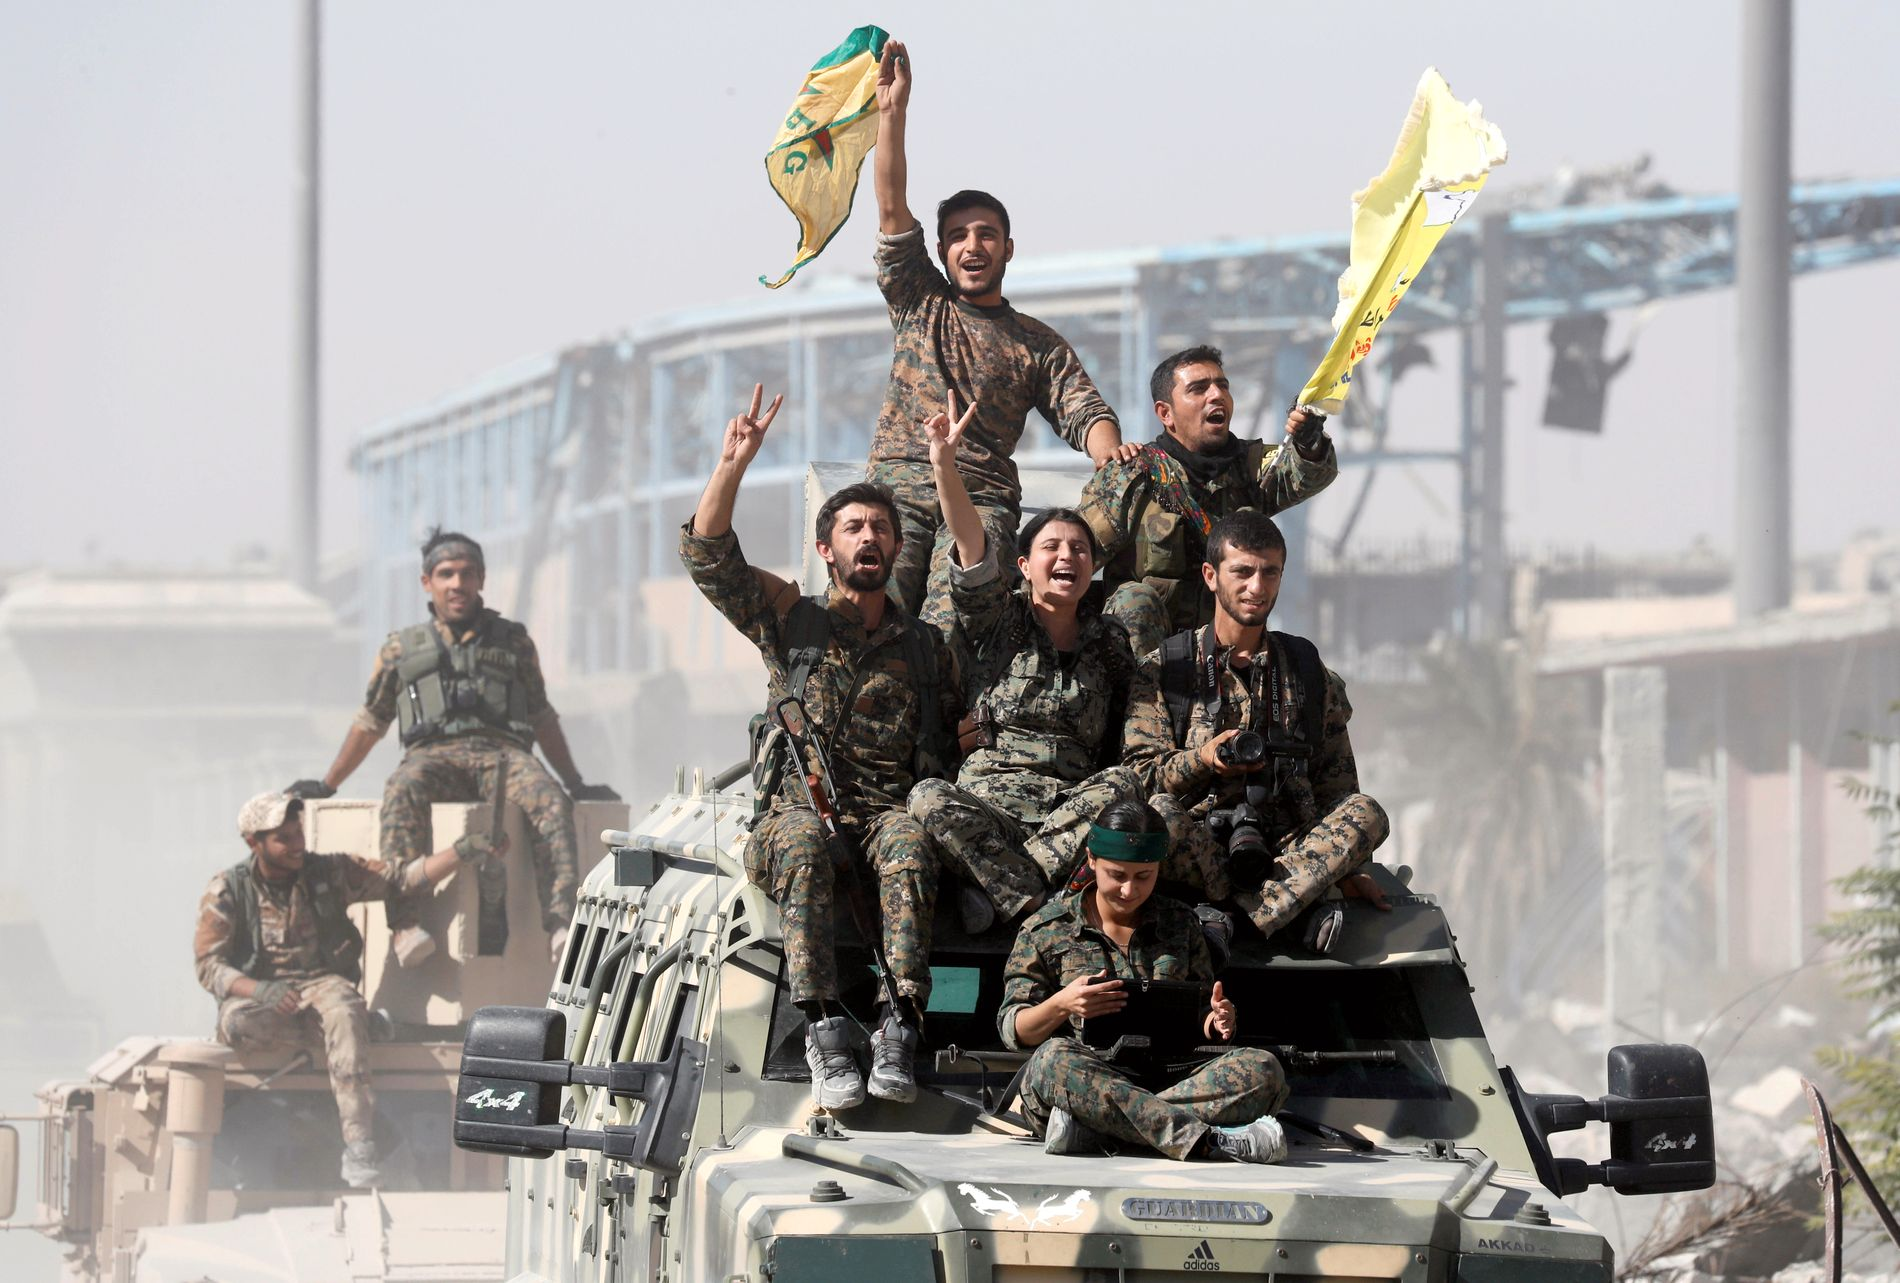 SEIER PÅ «FREMMED» JORD: Syrias demokratiske styrker (SDF), en USA-støttet opprørsallianse som domineres av den kurdiske YPG-militsen, har erklært seier mot IS i Raqqa. Men kurderne i SDF kan lett bli oppfattet som en fremmed makt, mener Midtøsten-ekspert og historieprofessor Knut Vikør ved Universitetet i Bergen til VG.